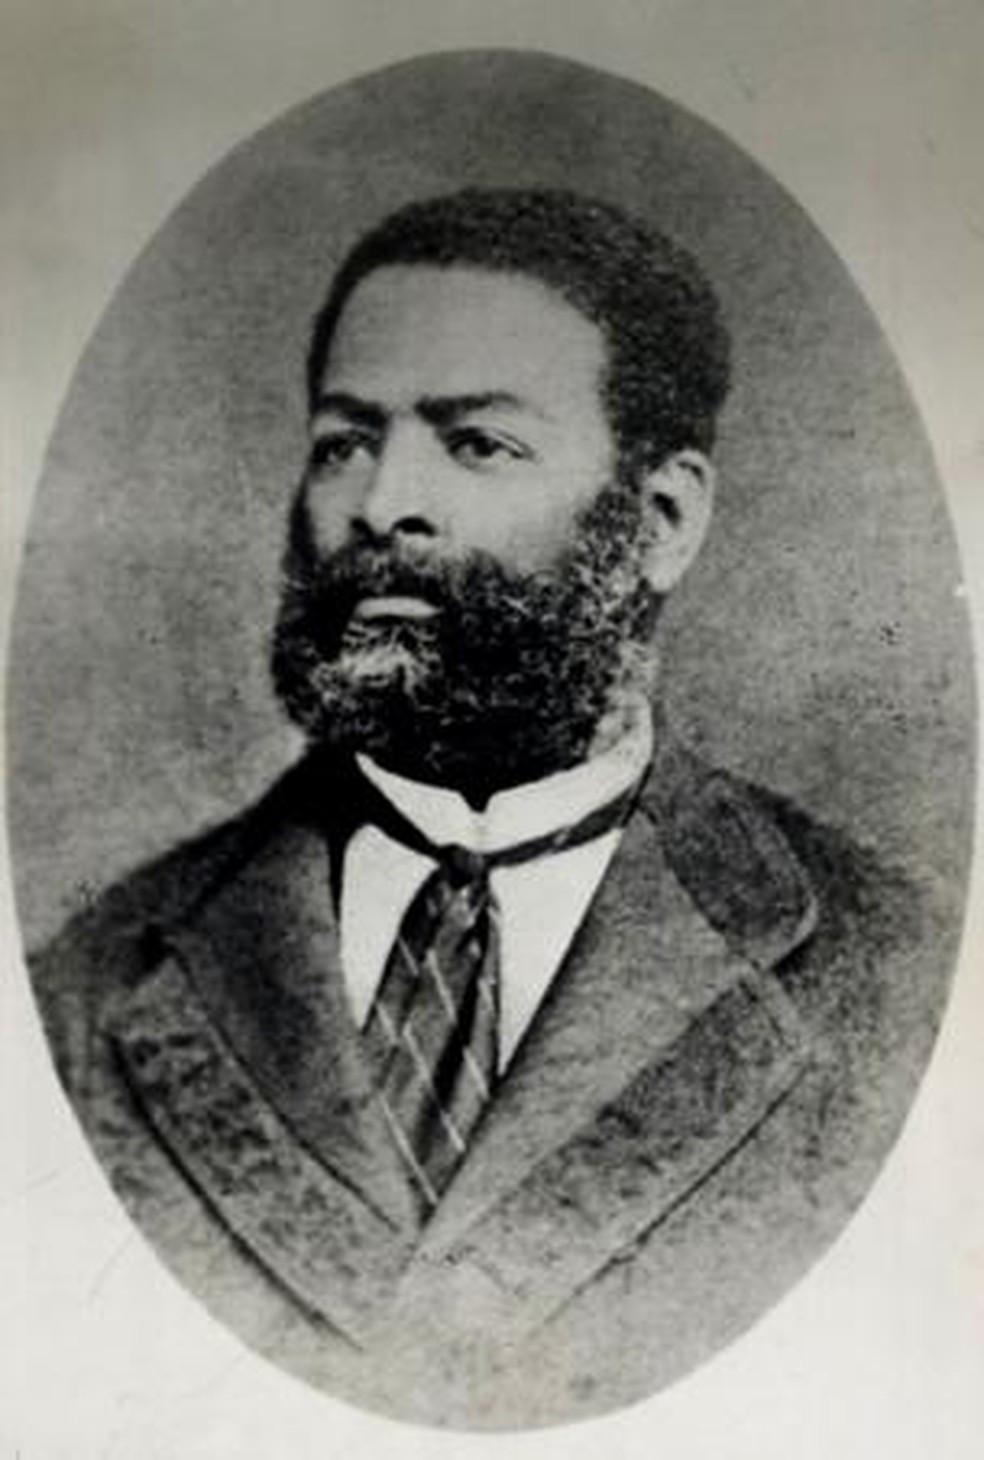 Calcula-se que Luís Gama tenha ajudado a libertar cerca de 500 escravos (Foto: Acervo Biblioteca Nacional - Brasil)